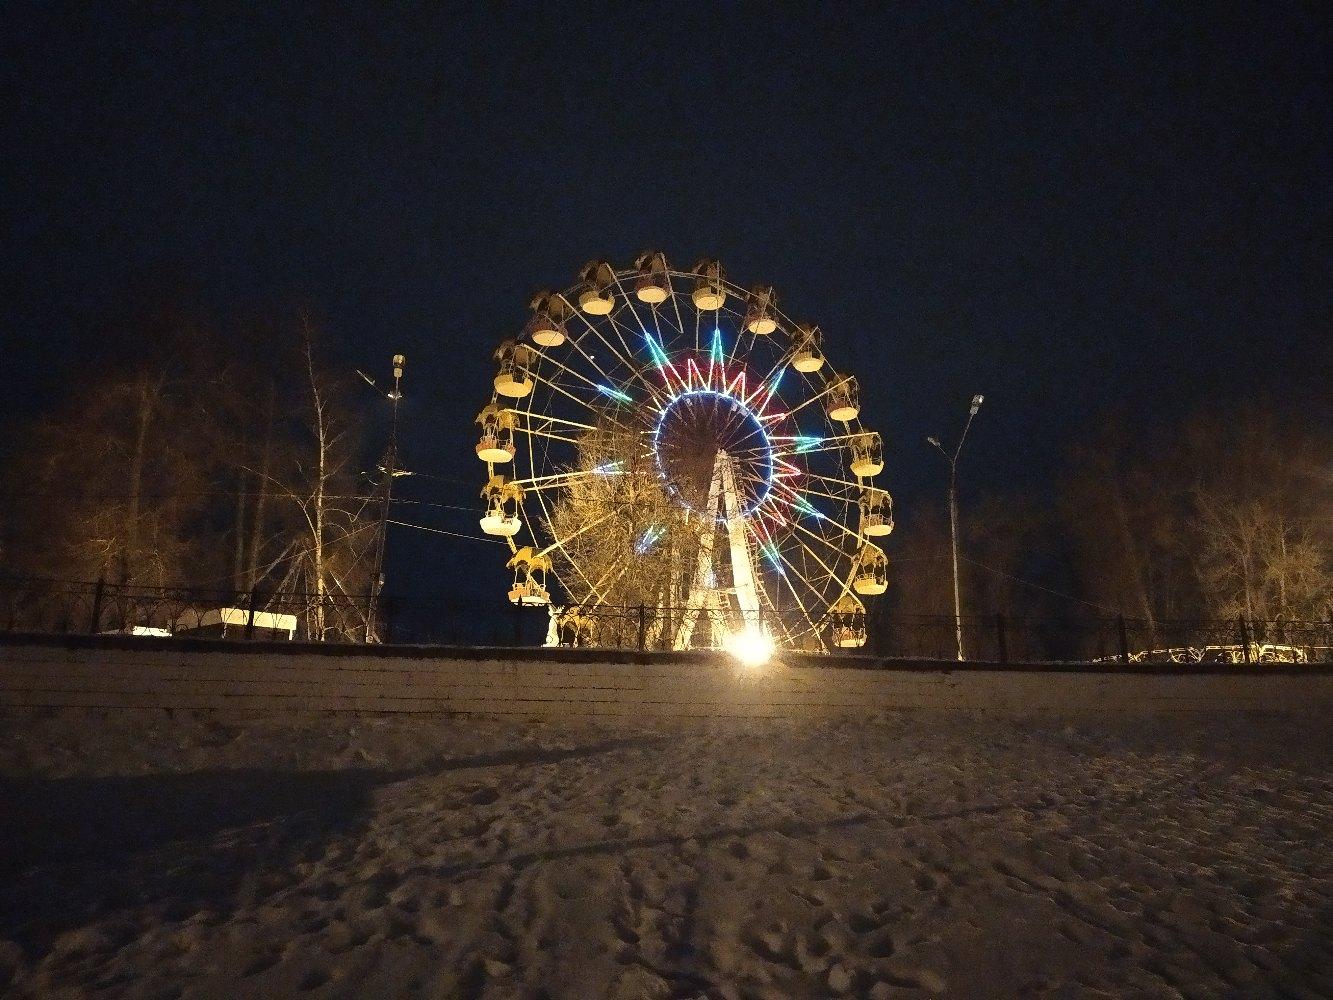 Атмосферные фото ночной Твери